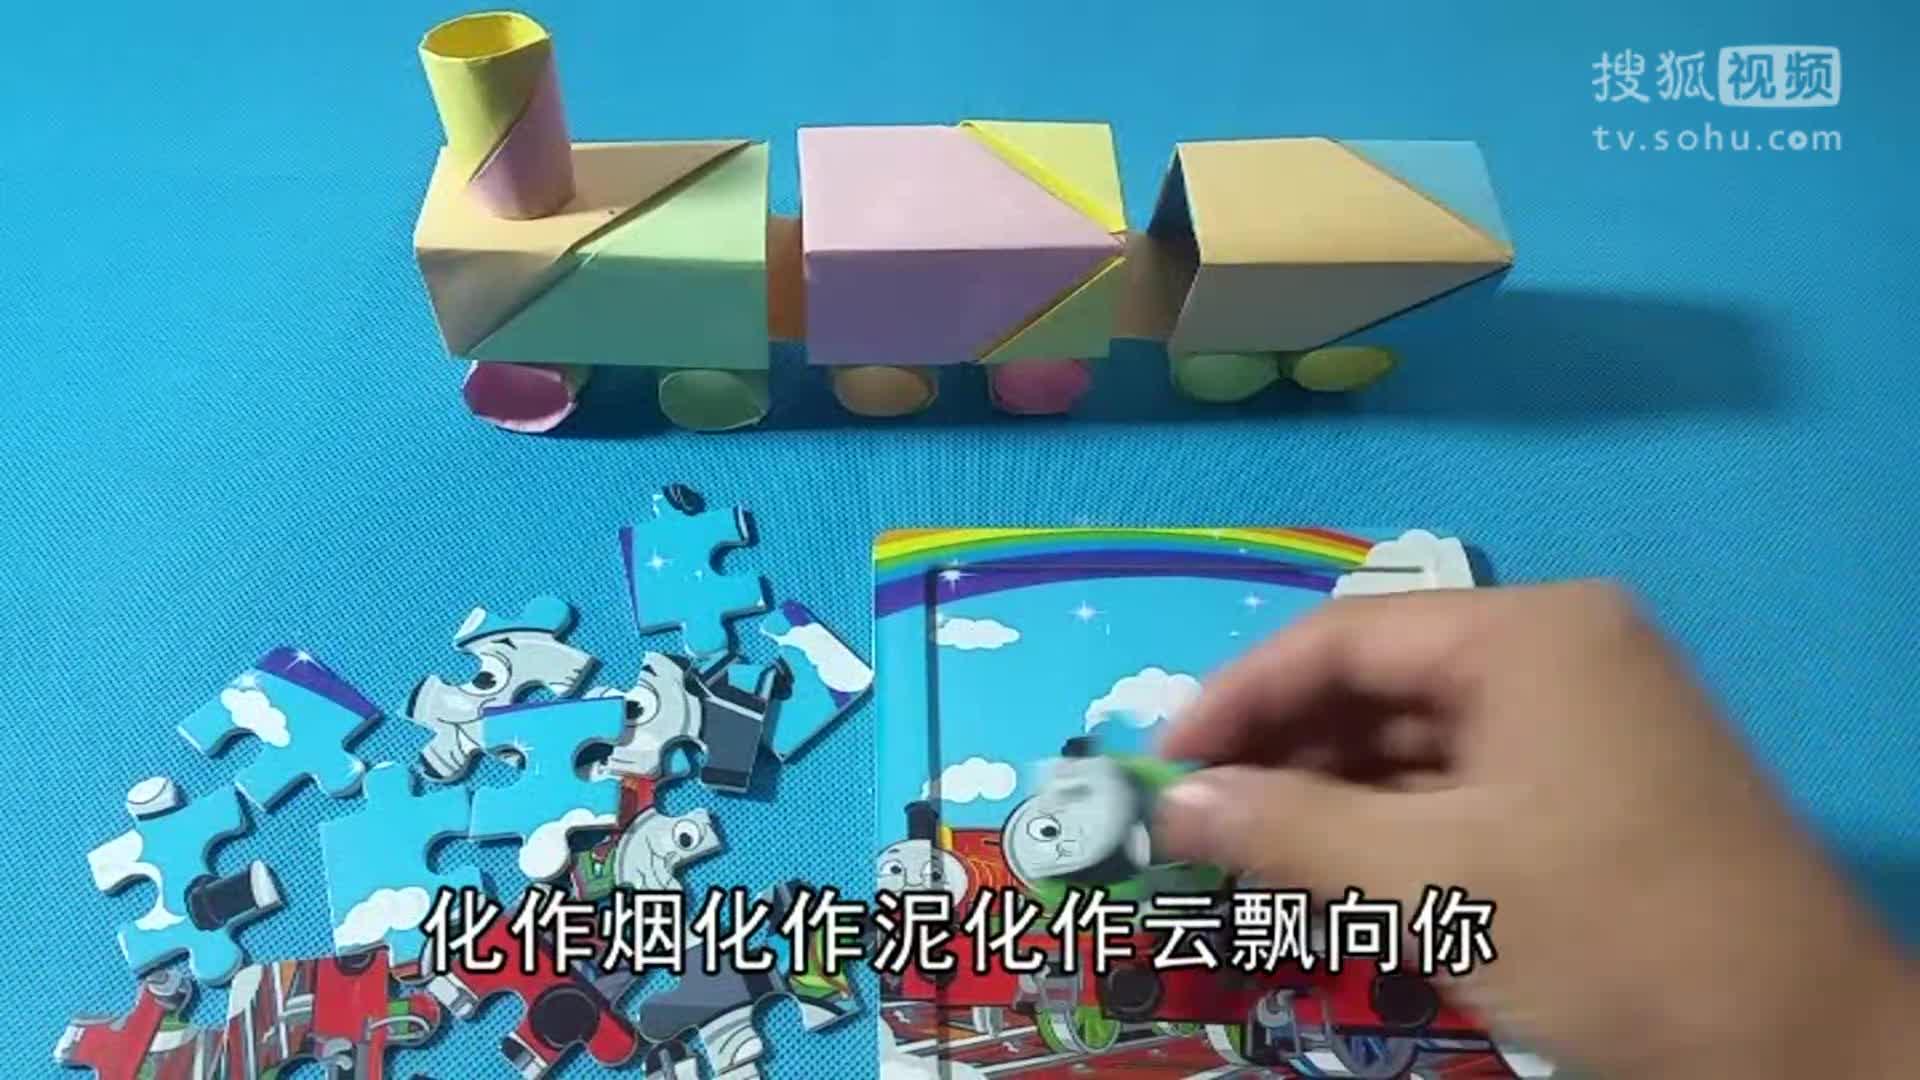 机器人总动员瓦力纸模型制作(13-13)3d立体纸模型玩具制作亲子手工diy